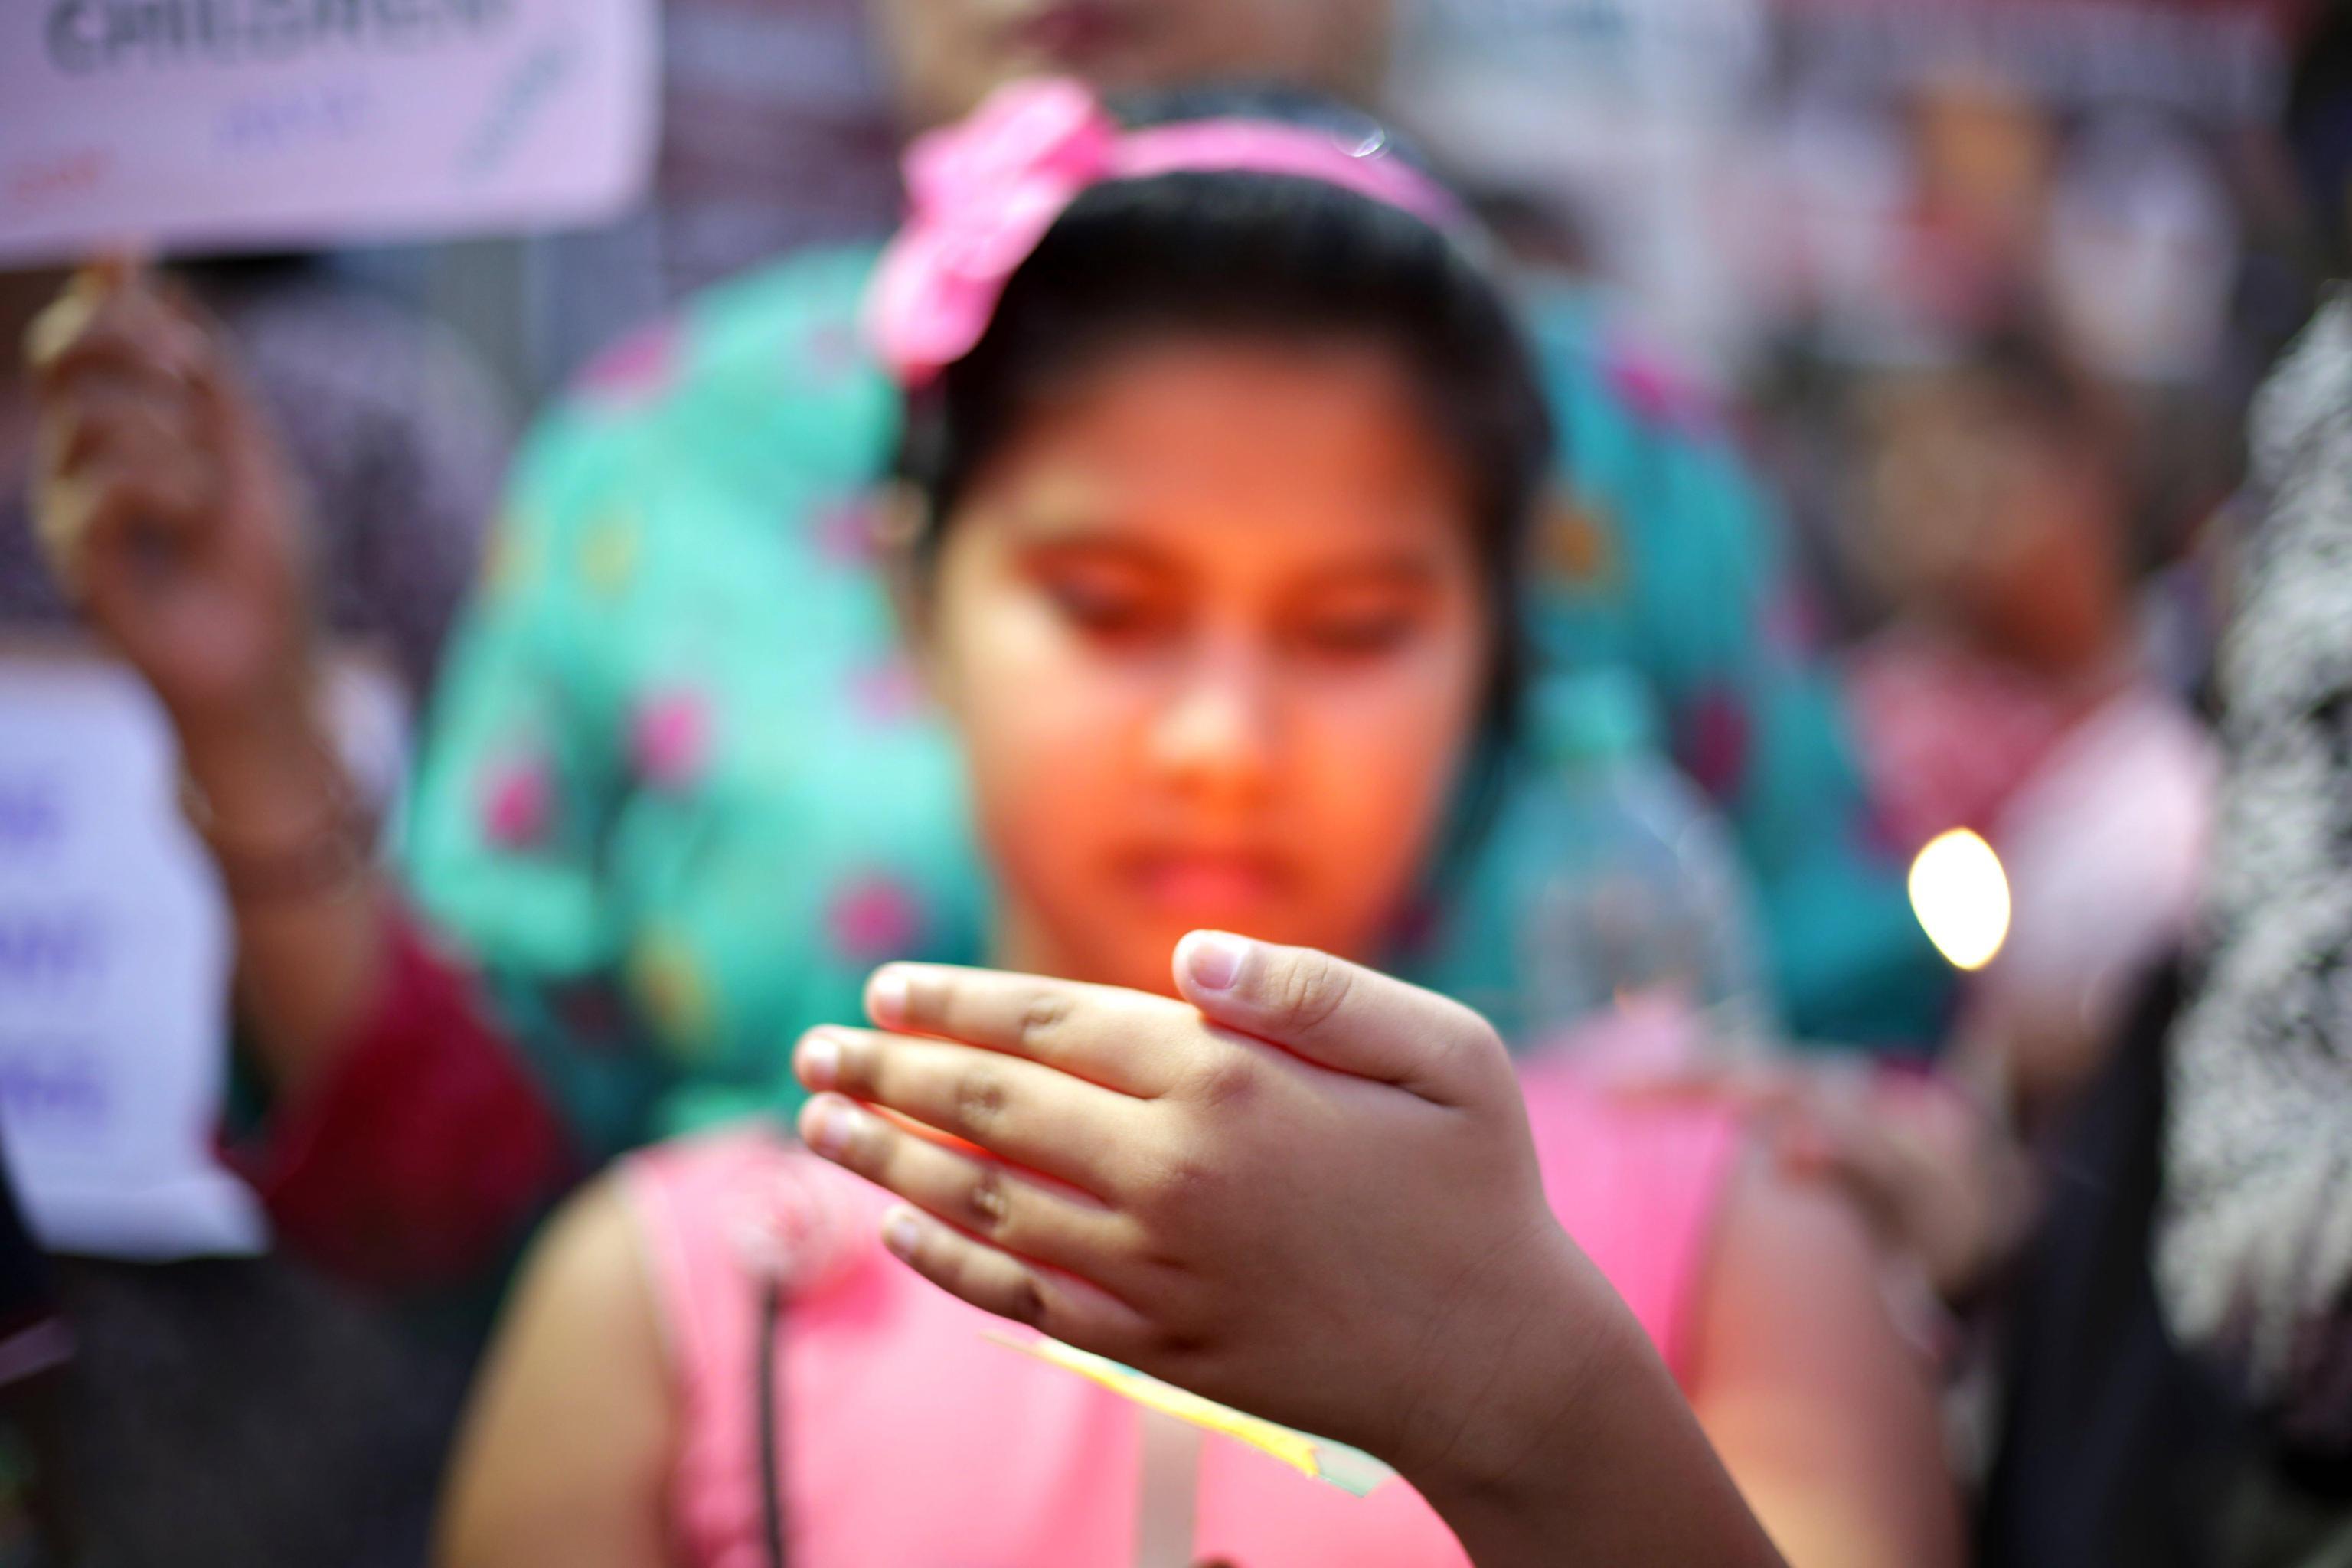 Lotta agli stupri in India, pena di morte per chi violenta bambini fino a 12 anni